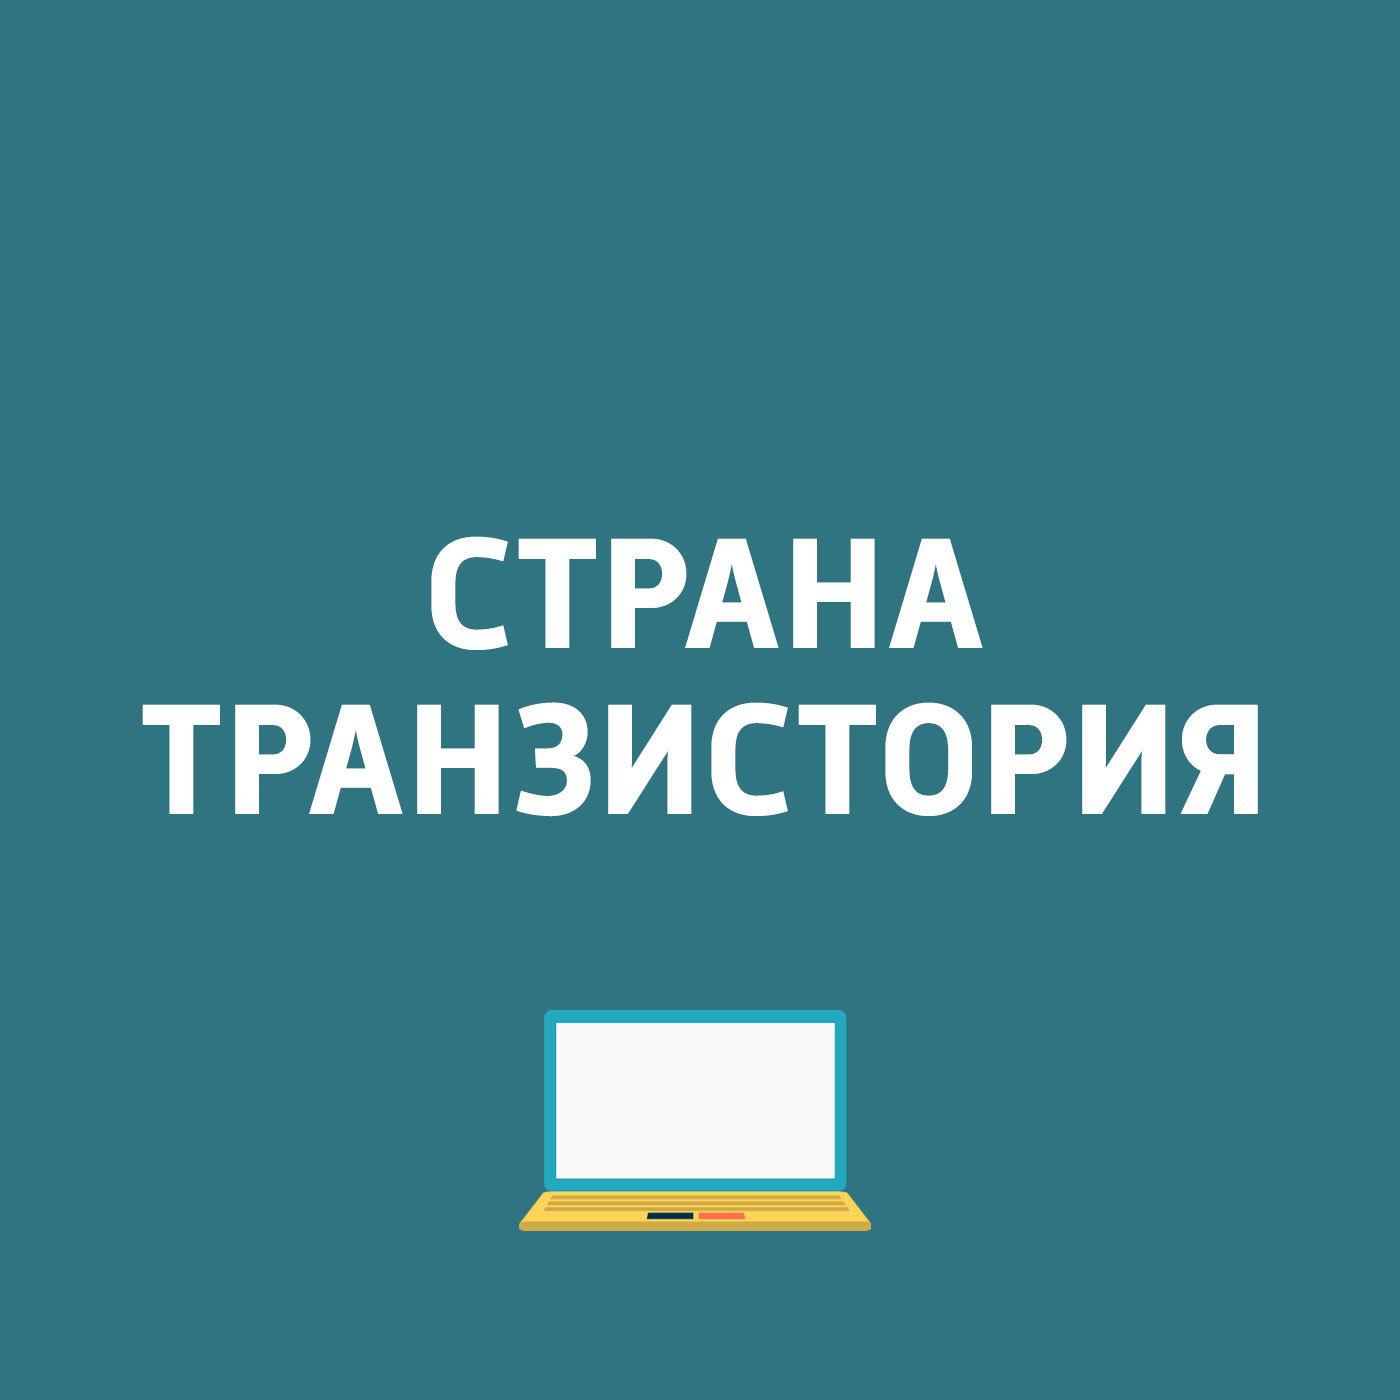 Картаев Павел Старт продаж в России Galaxy J4 и Galaxy J6; Apple закрыла лазейки, позволявшие взламывать iPhone; Завершилась выставка Е3 картаев павел archos объявила о старте продаж планшета 70c neon в россии